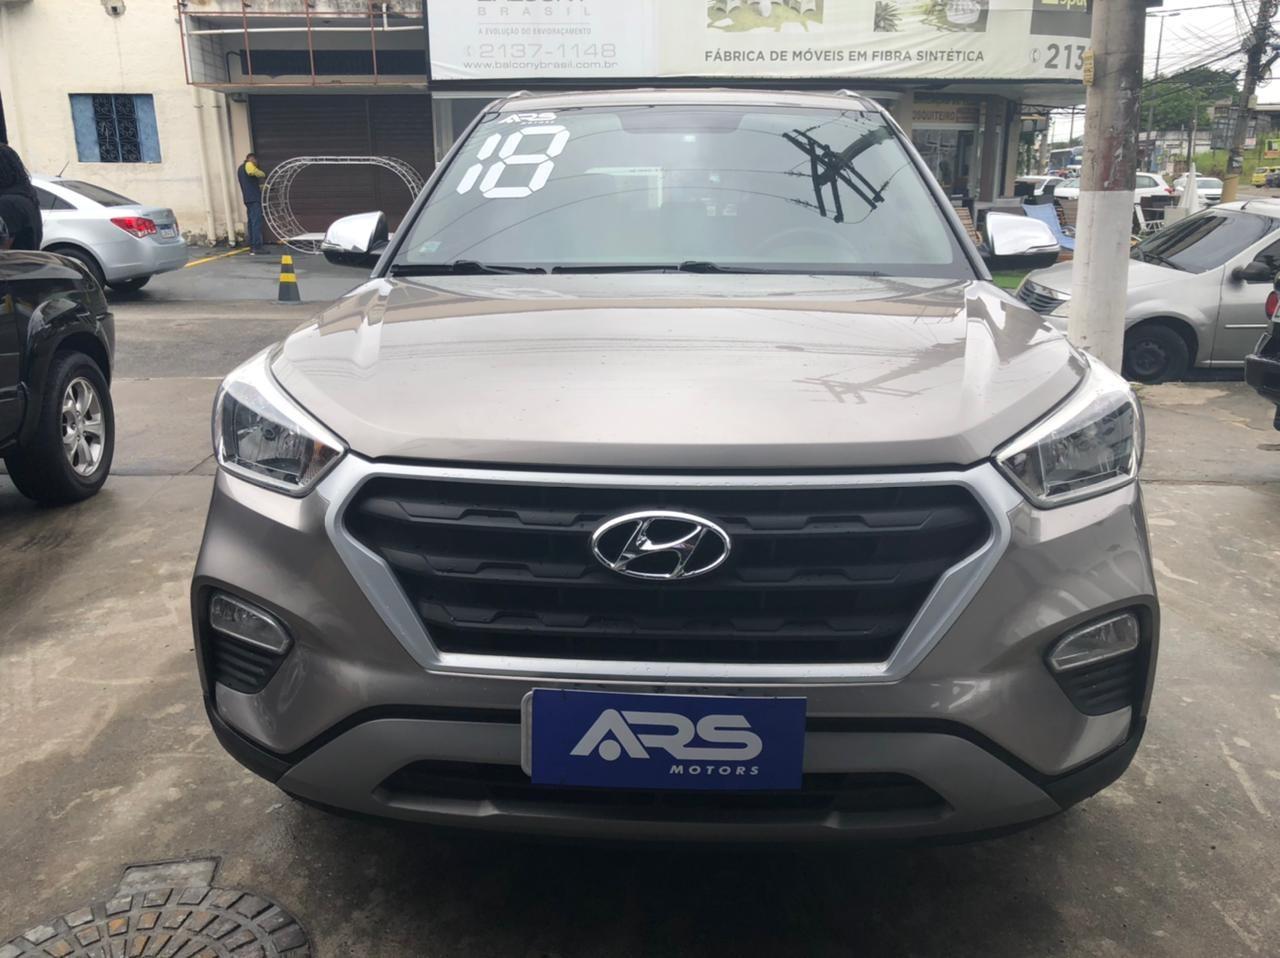 //www.autoline.com.br/carro/hyundai/creta-16-attitude-16v-flex-4p-automatico/2018/rio-de-janeiro-rj/14626678